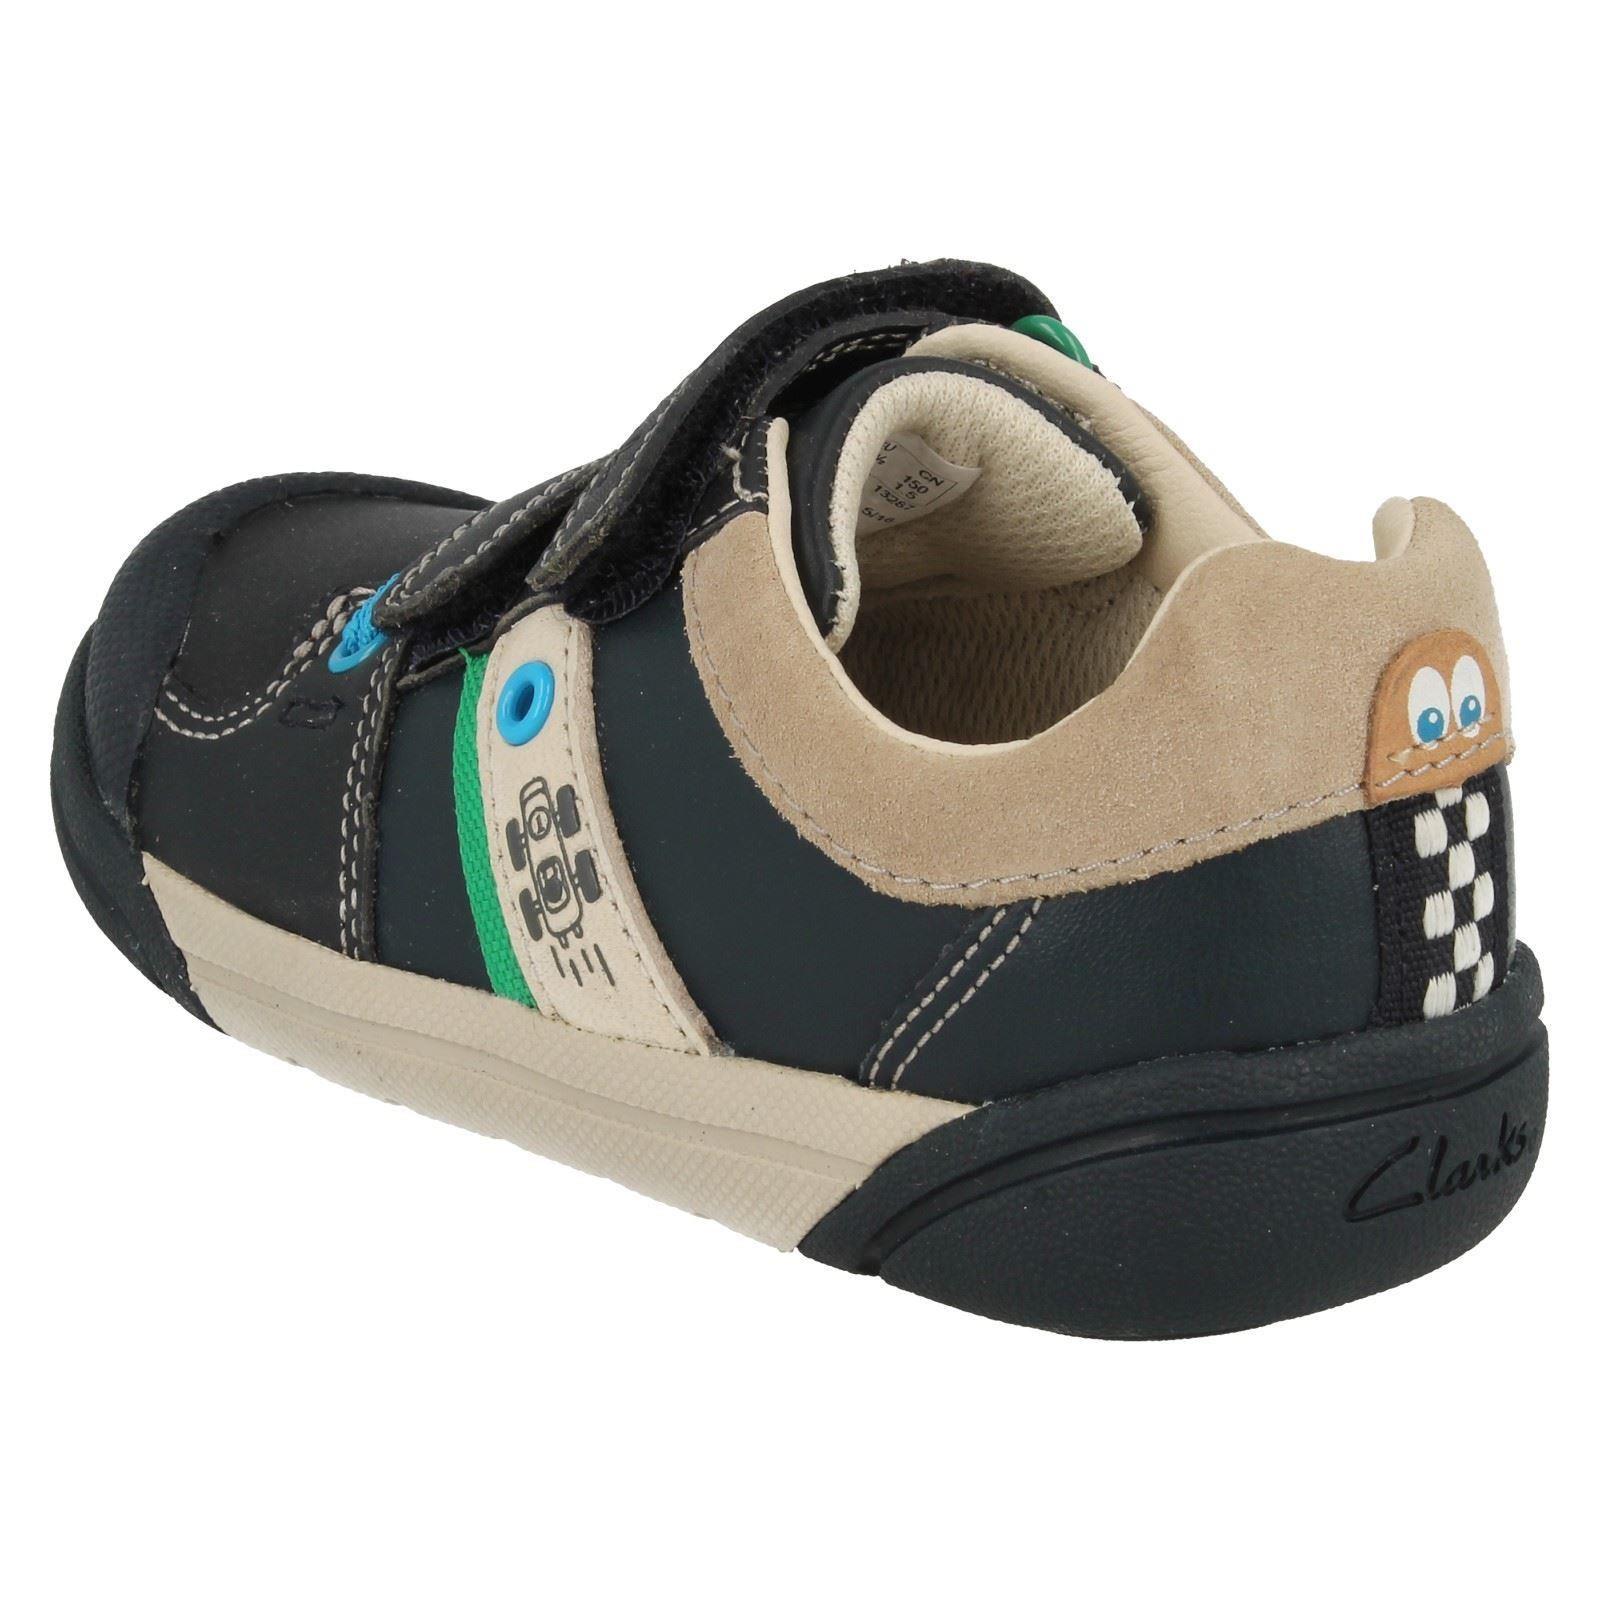 Chicos Clarks Zapatos Informales lilfolkcub